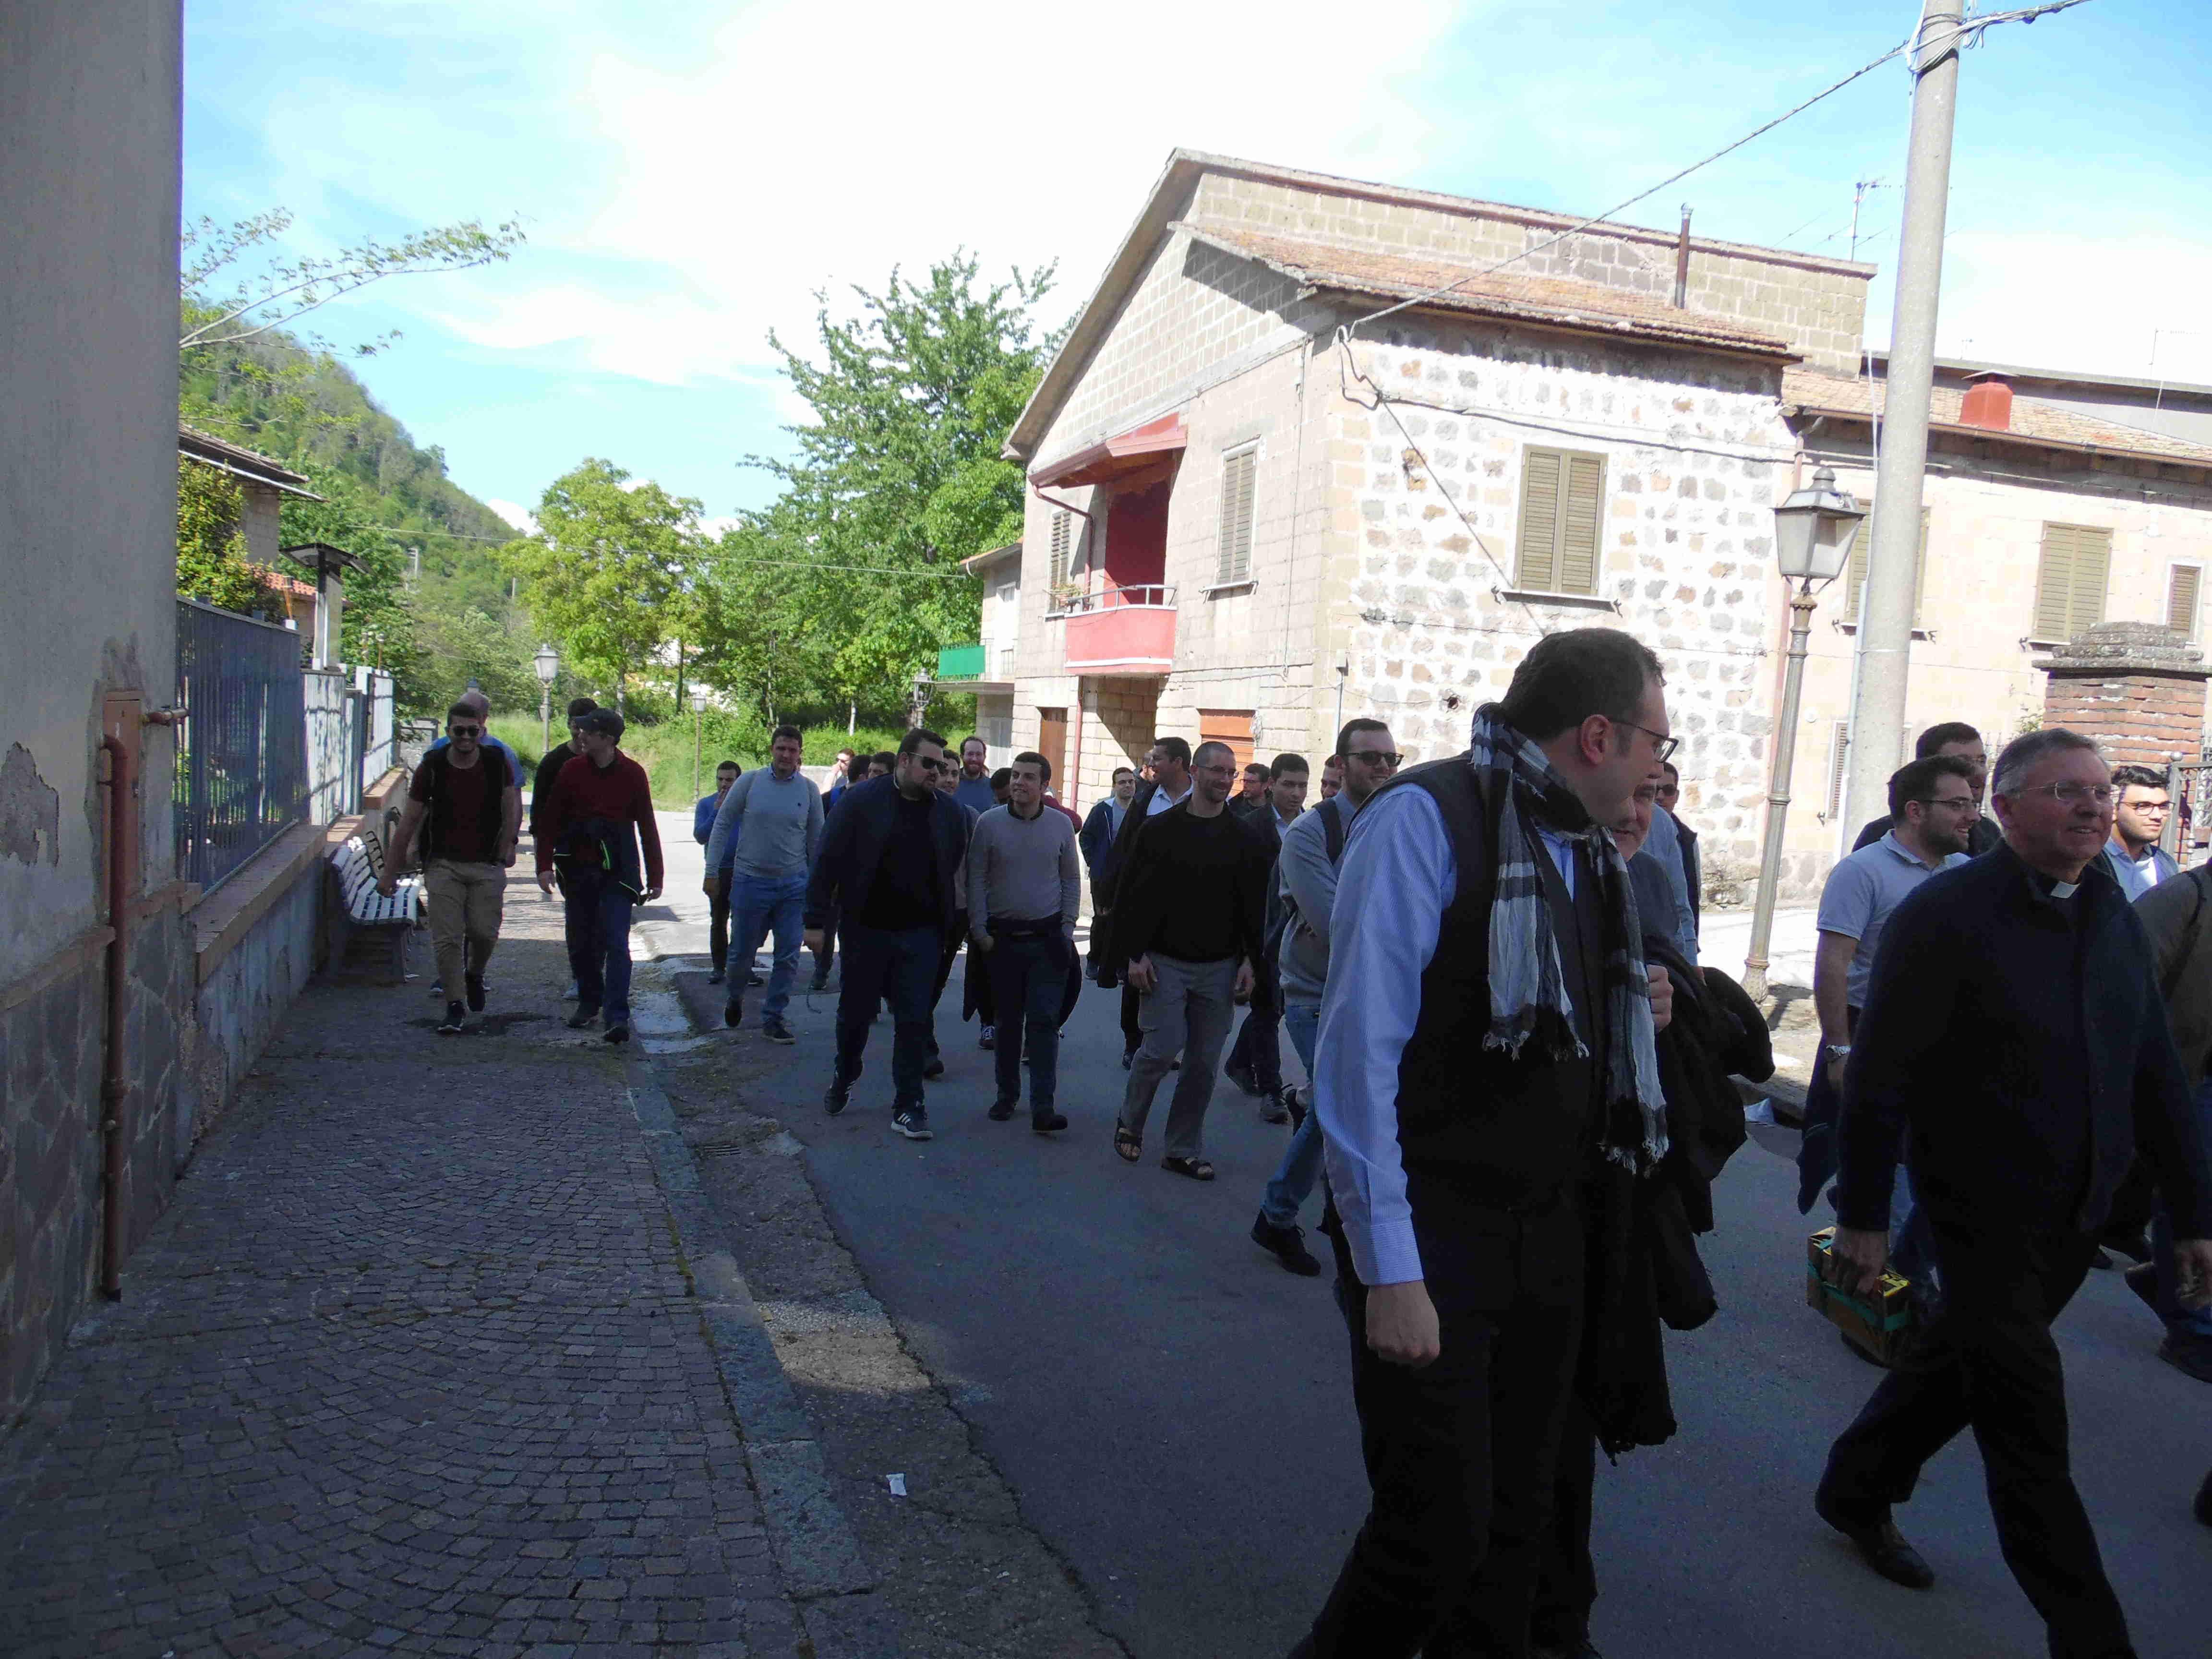 Pellegrinaggio Mariano 18-5-2018 (6)